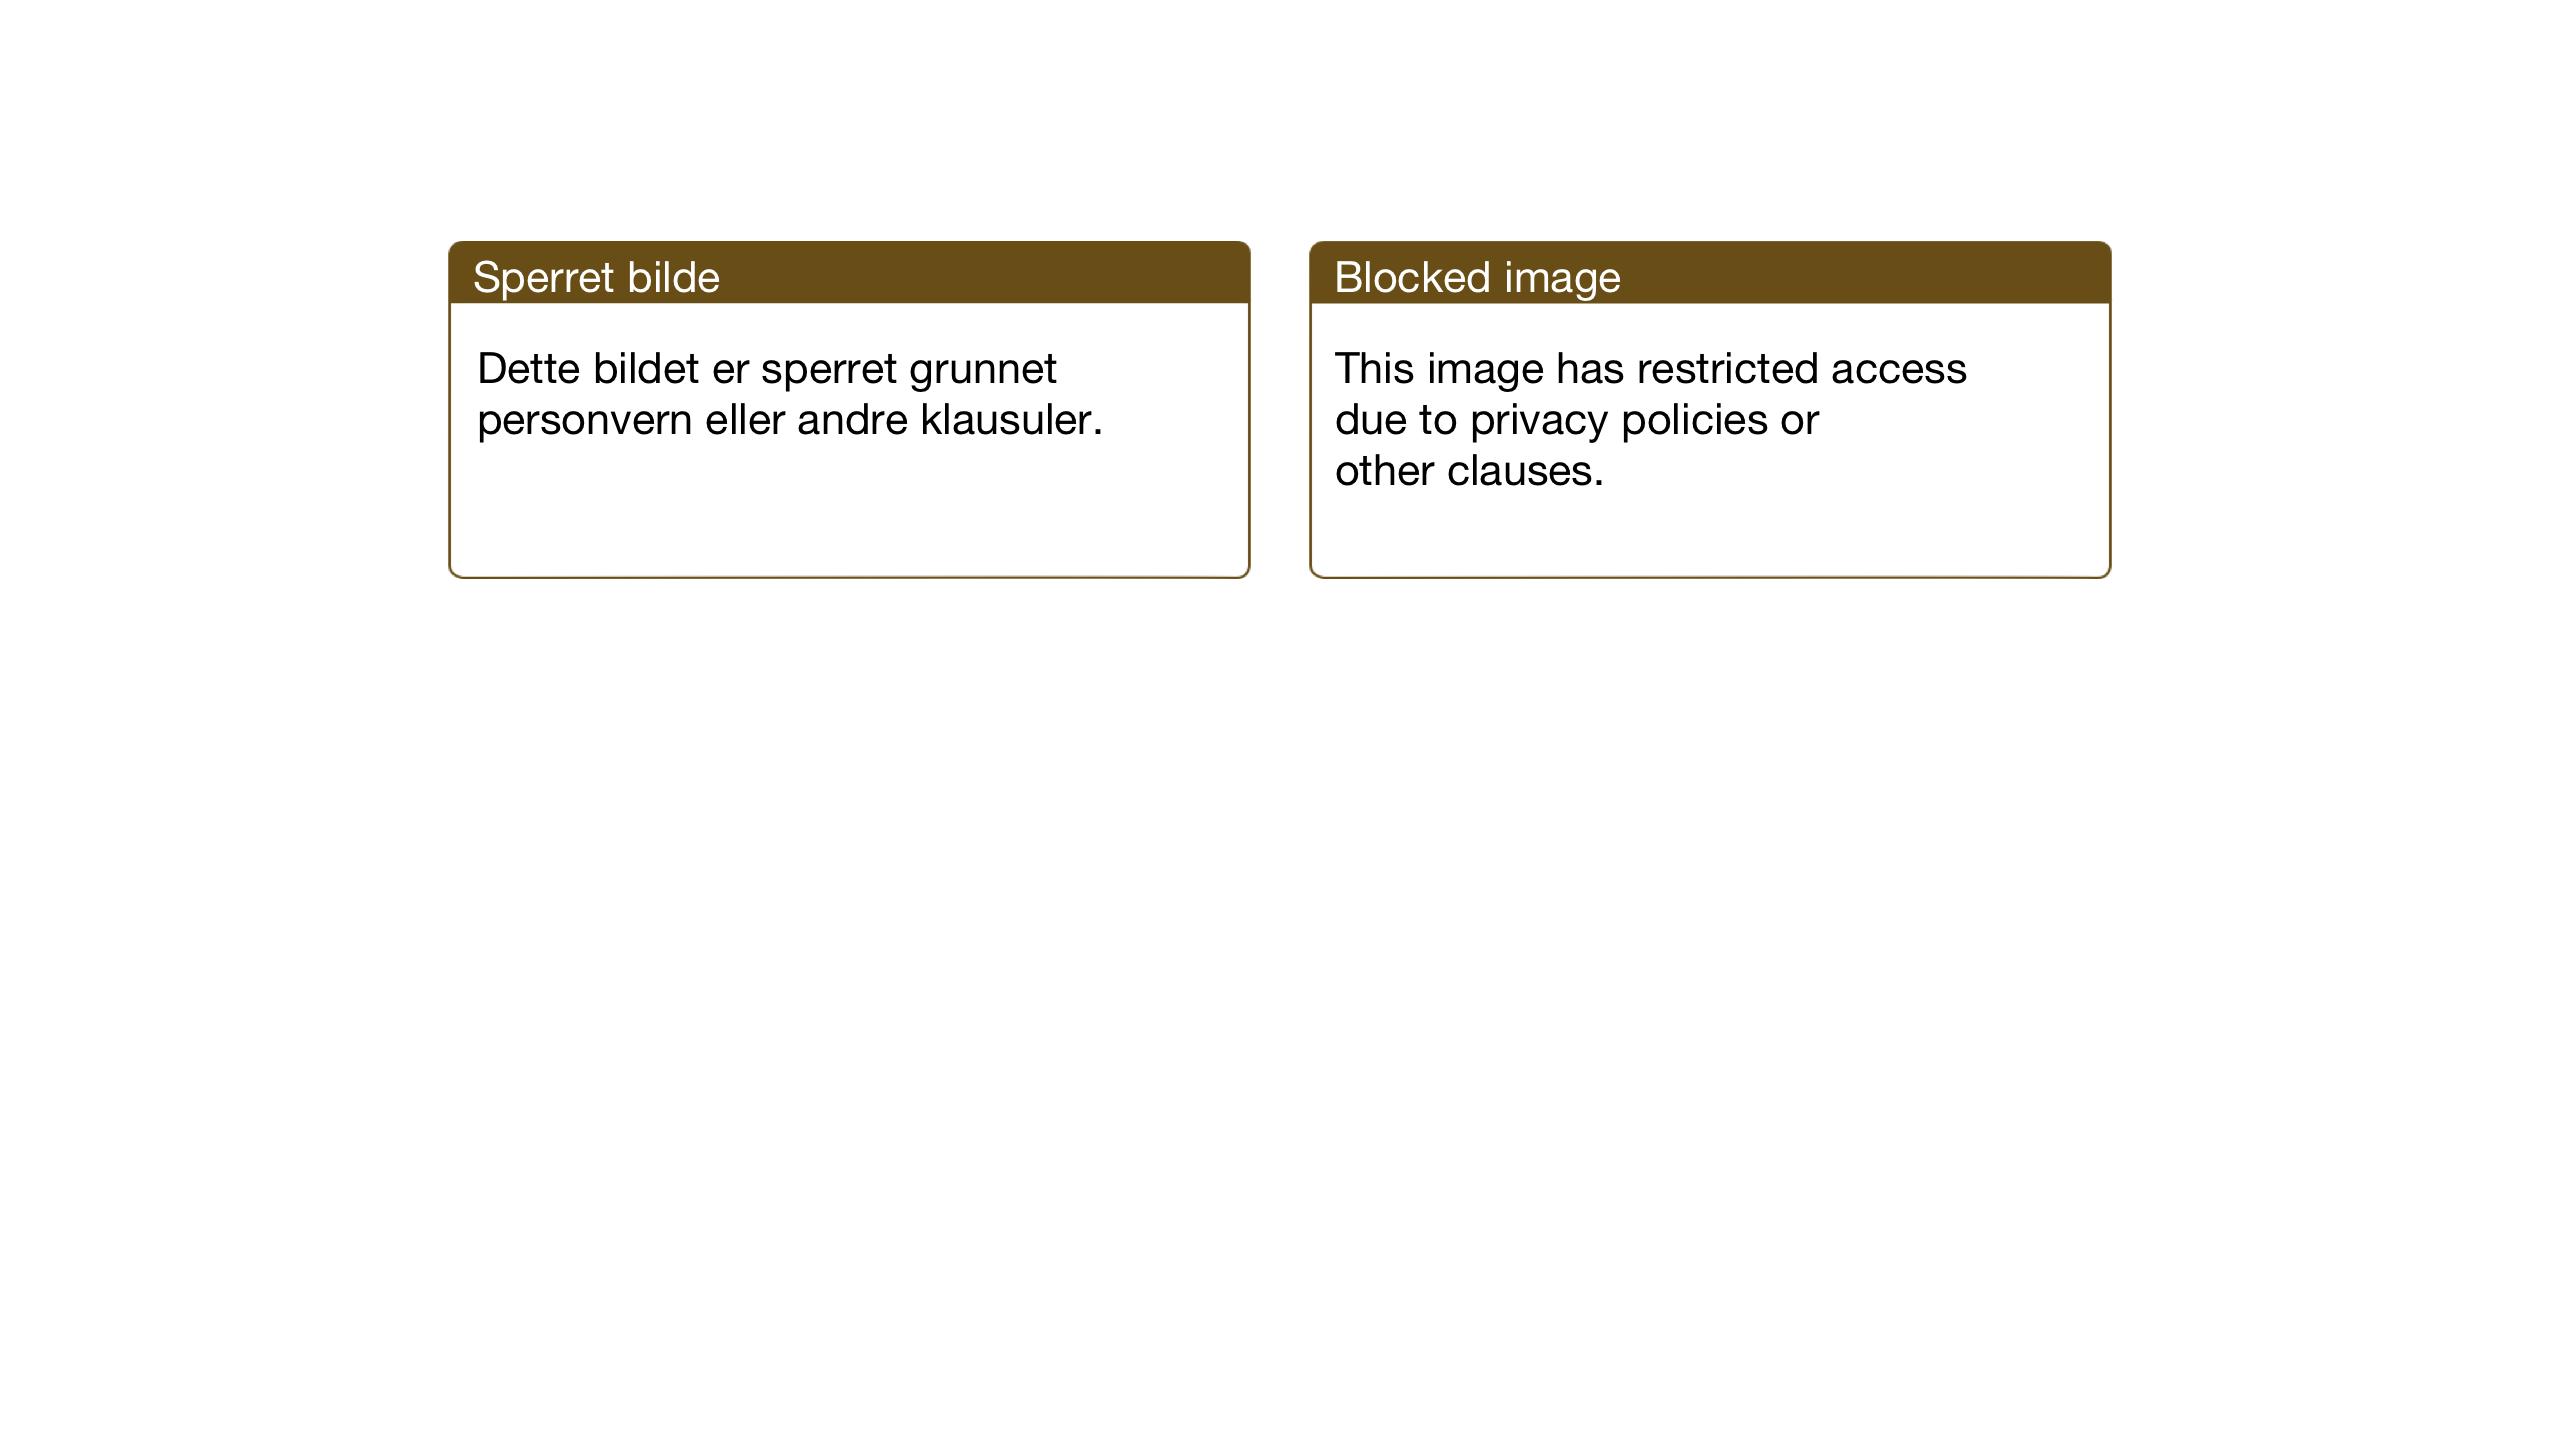 SAT, Ministerialprotokoller, klokkerbøker og fødselsregistre - Sør-Trøndelag, 637/L0564: Klokkerbok nr. 637C05, 1928-1968, s. 26